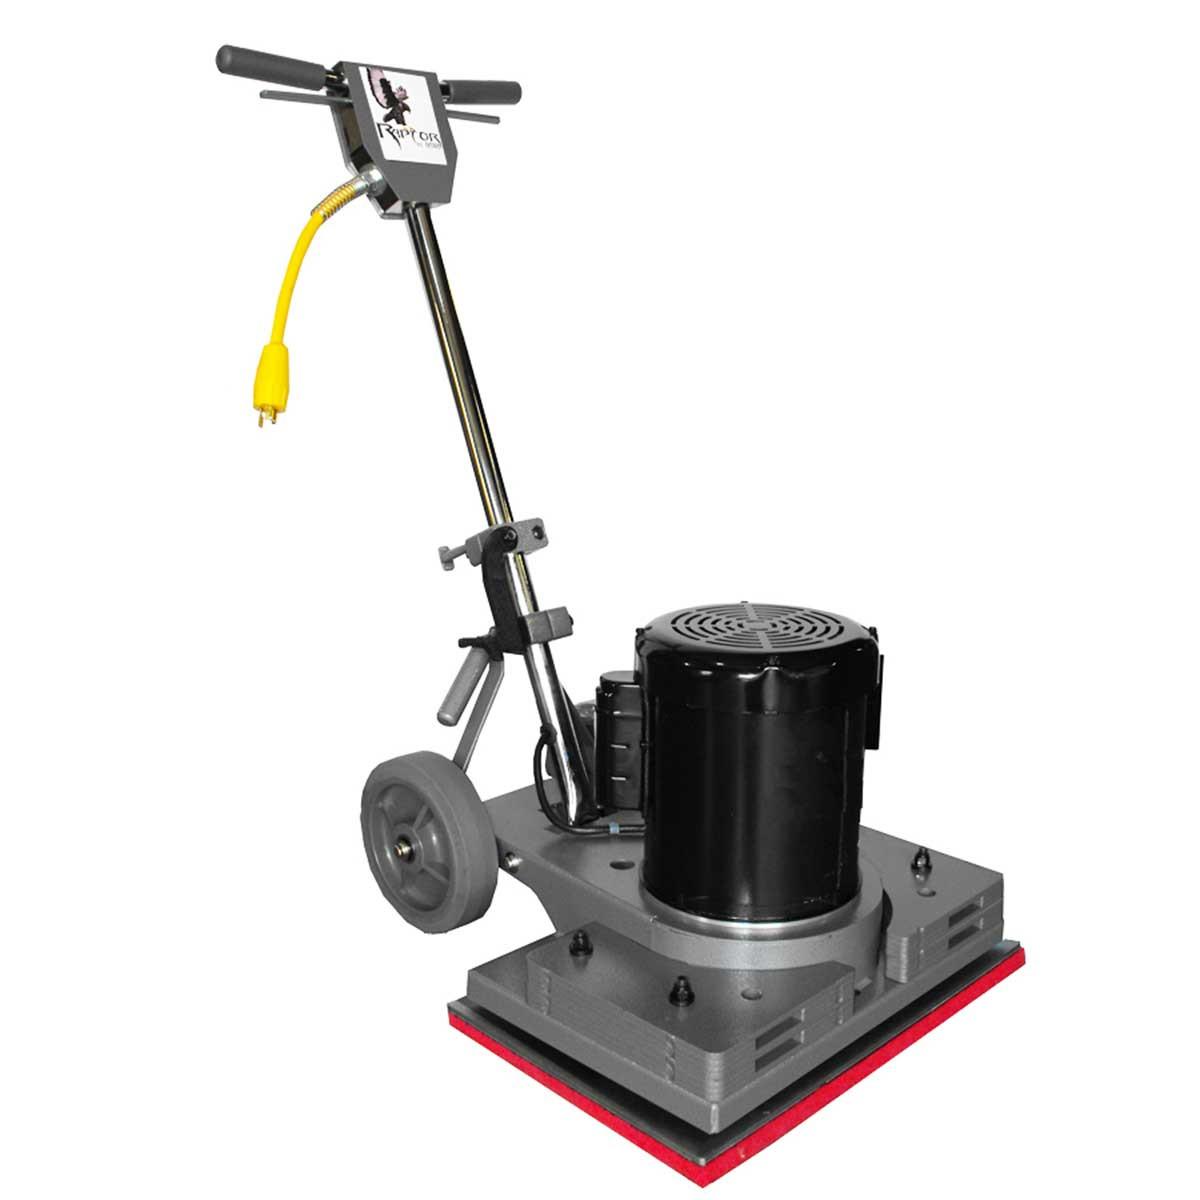 Hawk raptor floor machine contractors direct for 110v floor sander